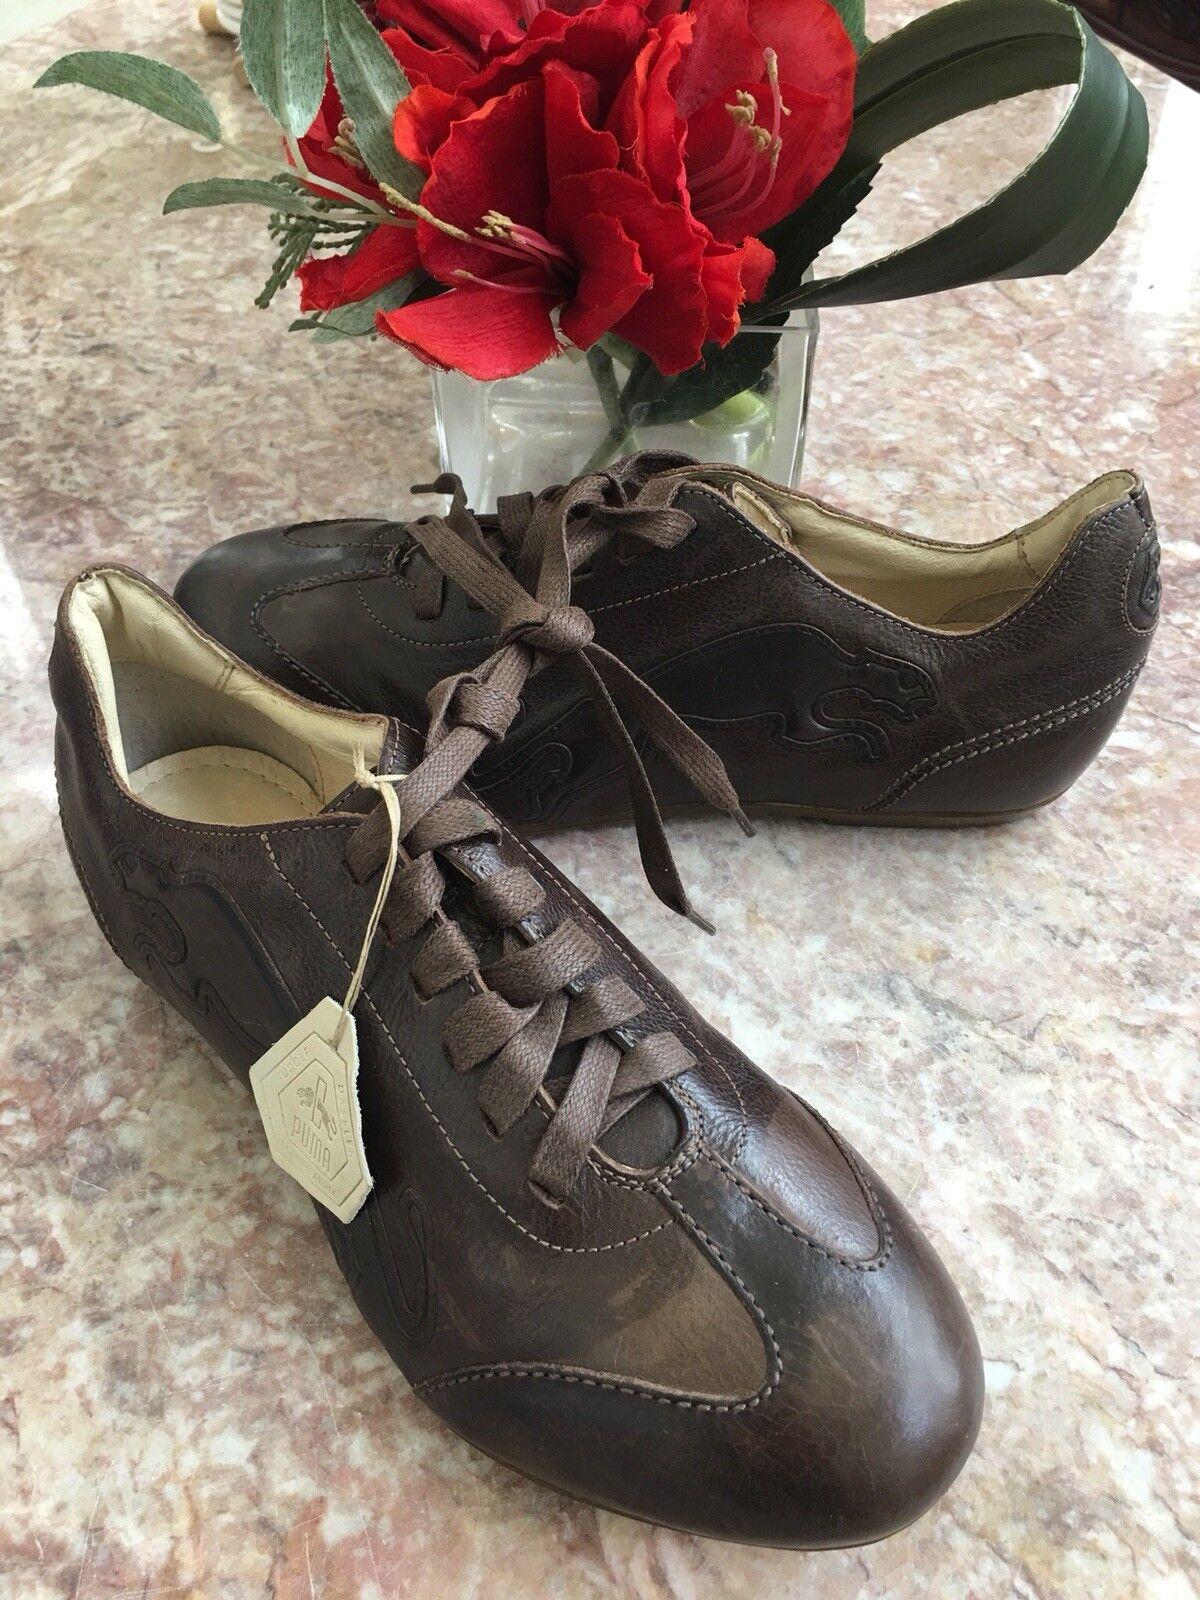 New Puma Rudolf Dassler Schuhfabrik Men's Brown Leather shoes Size US 5